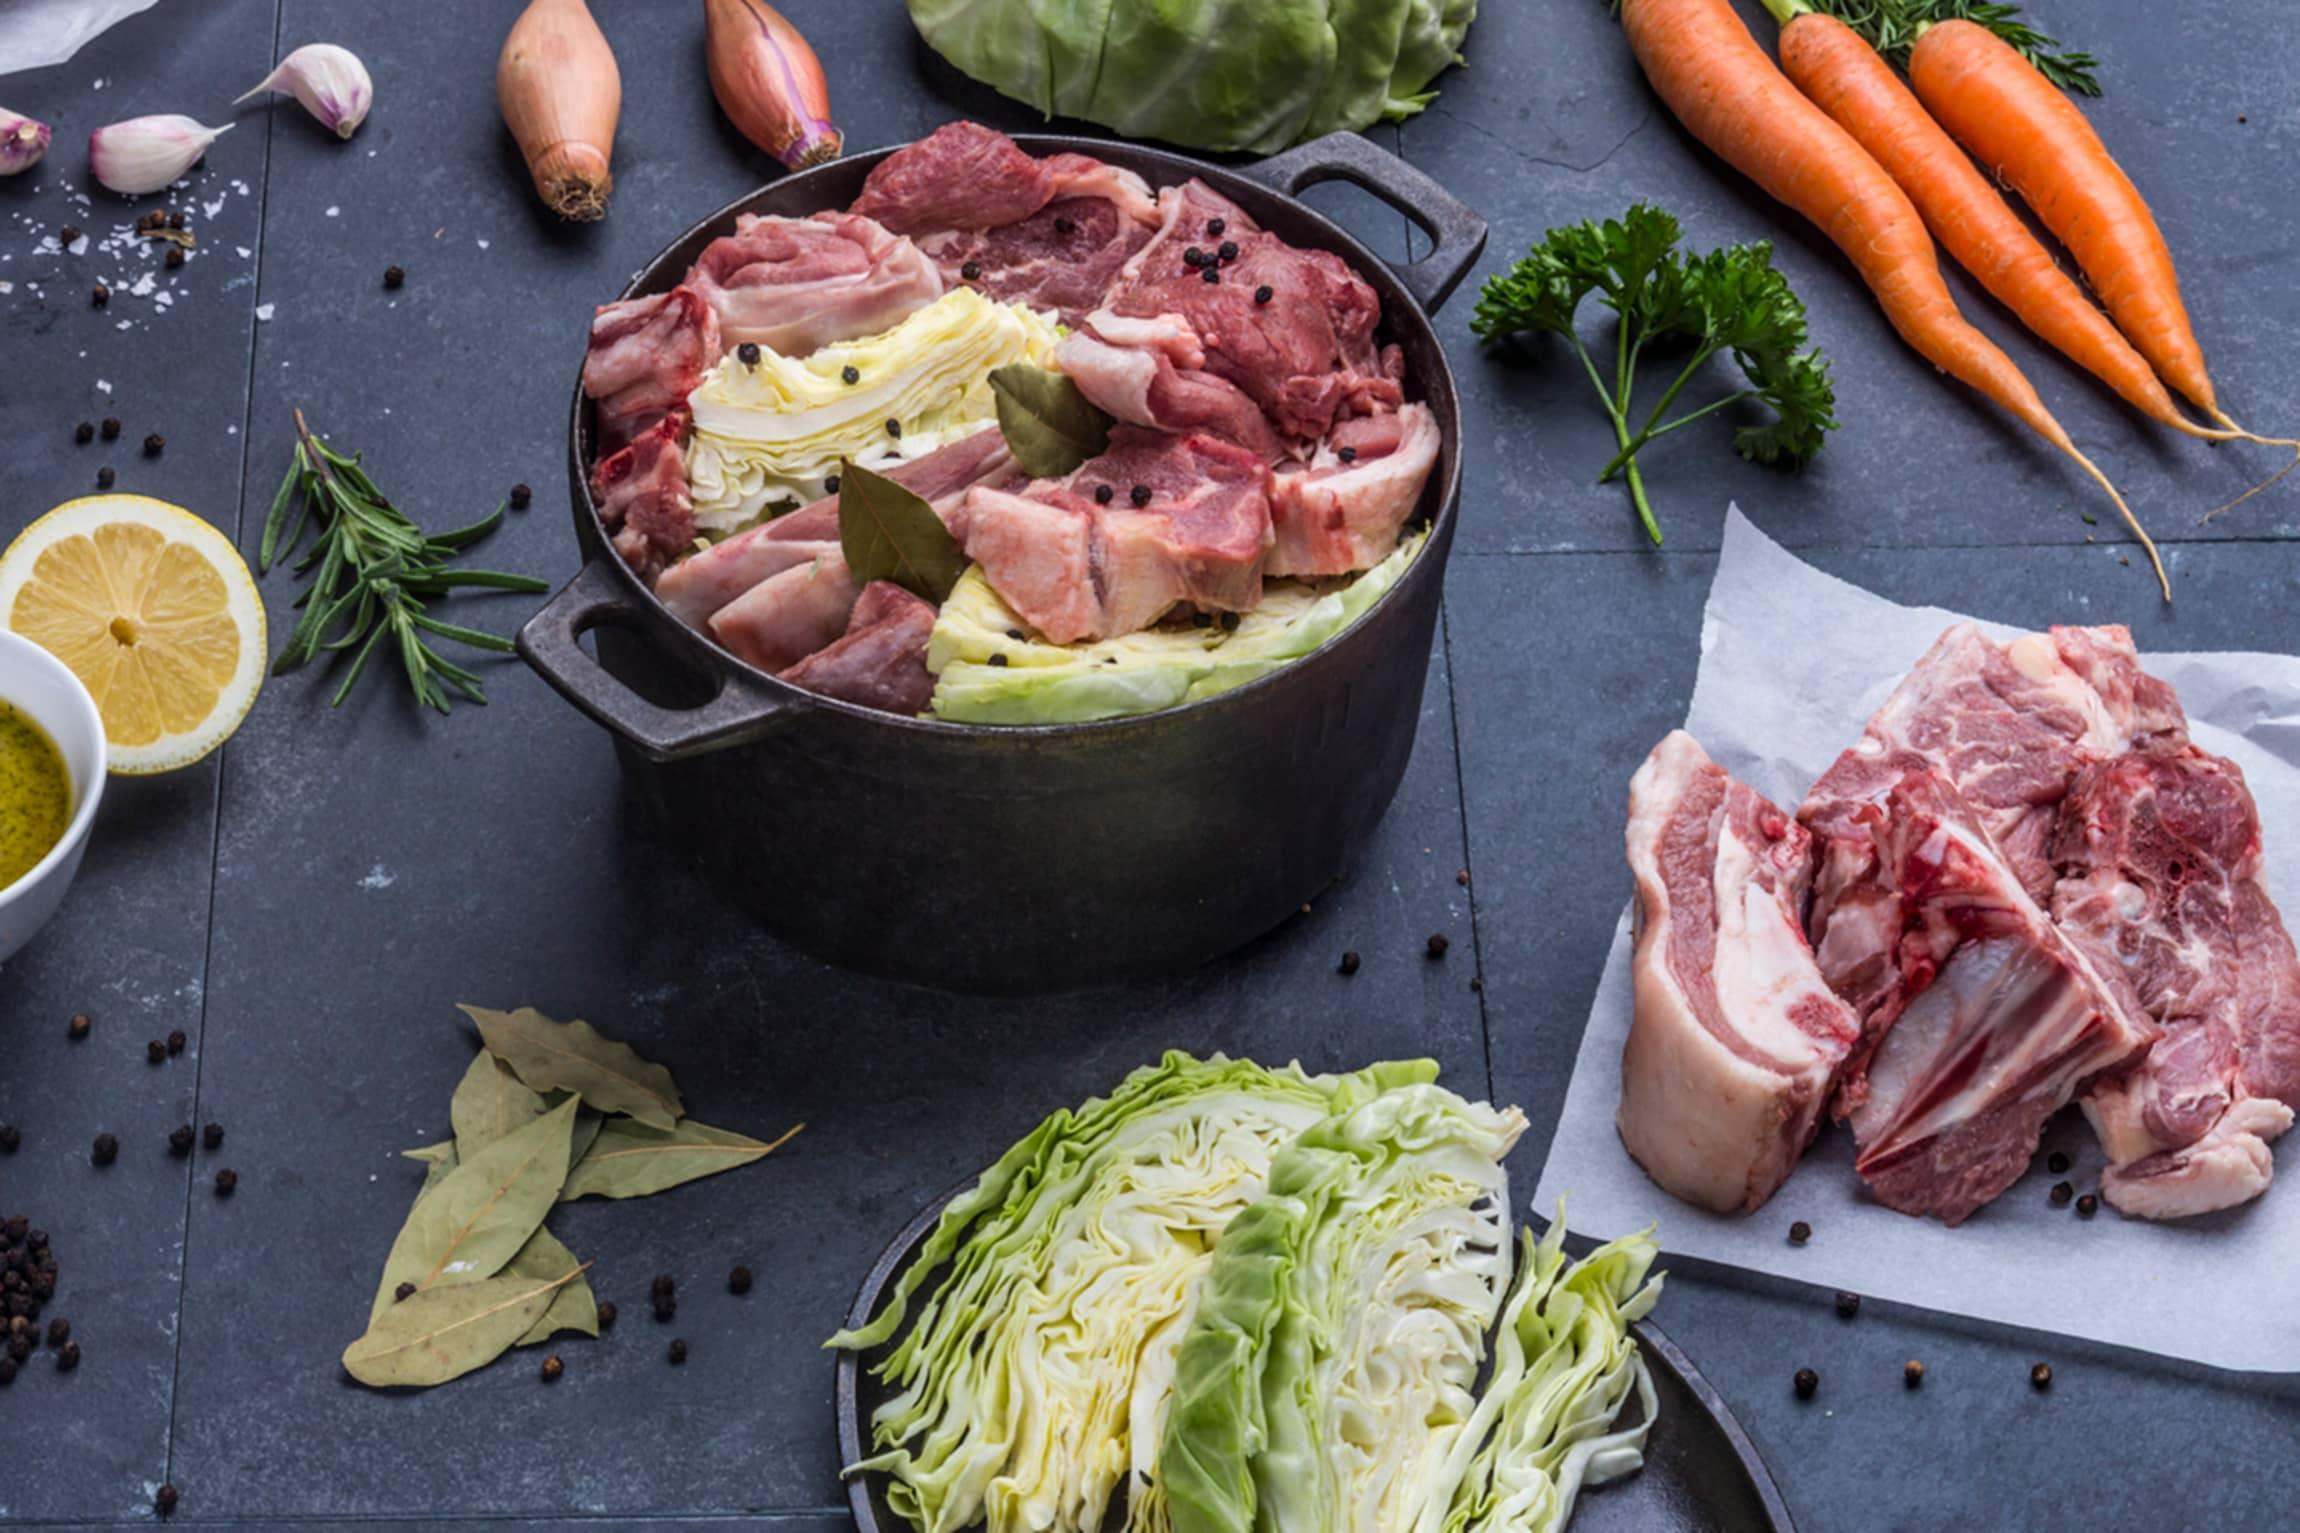 Mot slutten av august kan du starte fårikålsesongen! Om det er for tidlig med fårikål, bør du prøve noen saftige lammekoteletter på grillen.